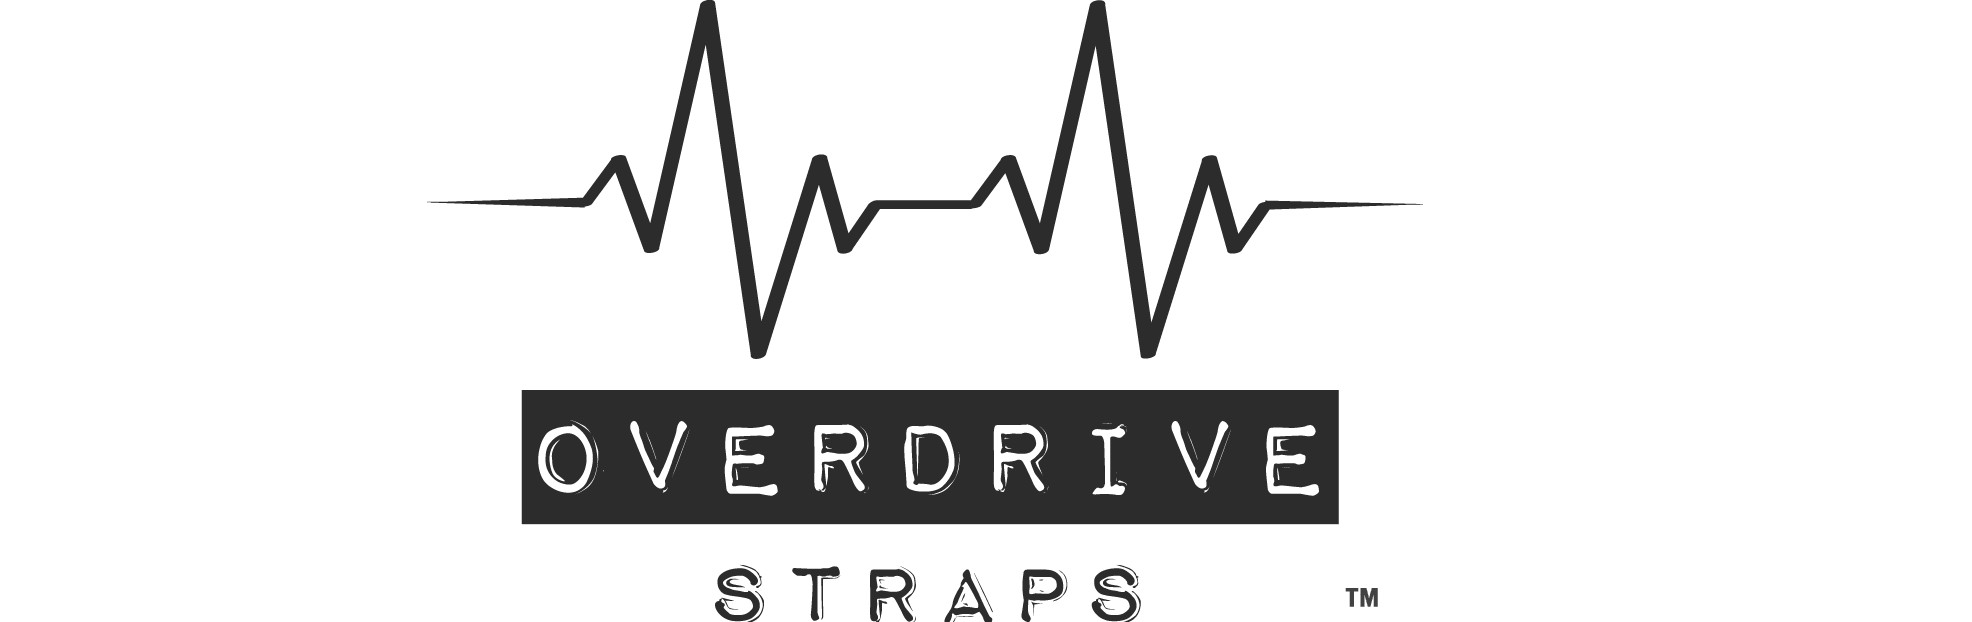 overdrivestraps-logo1.png